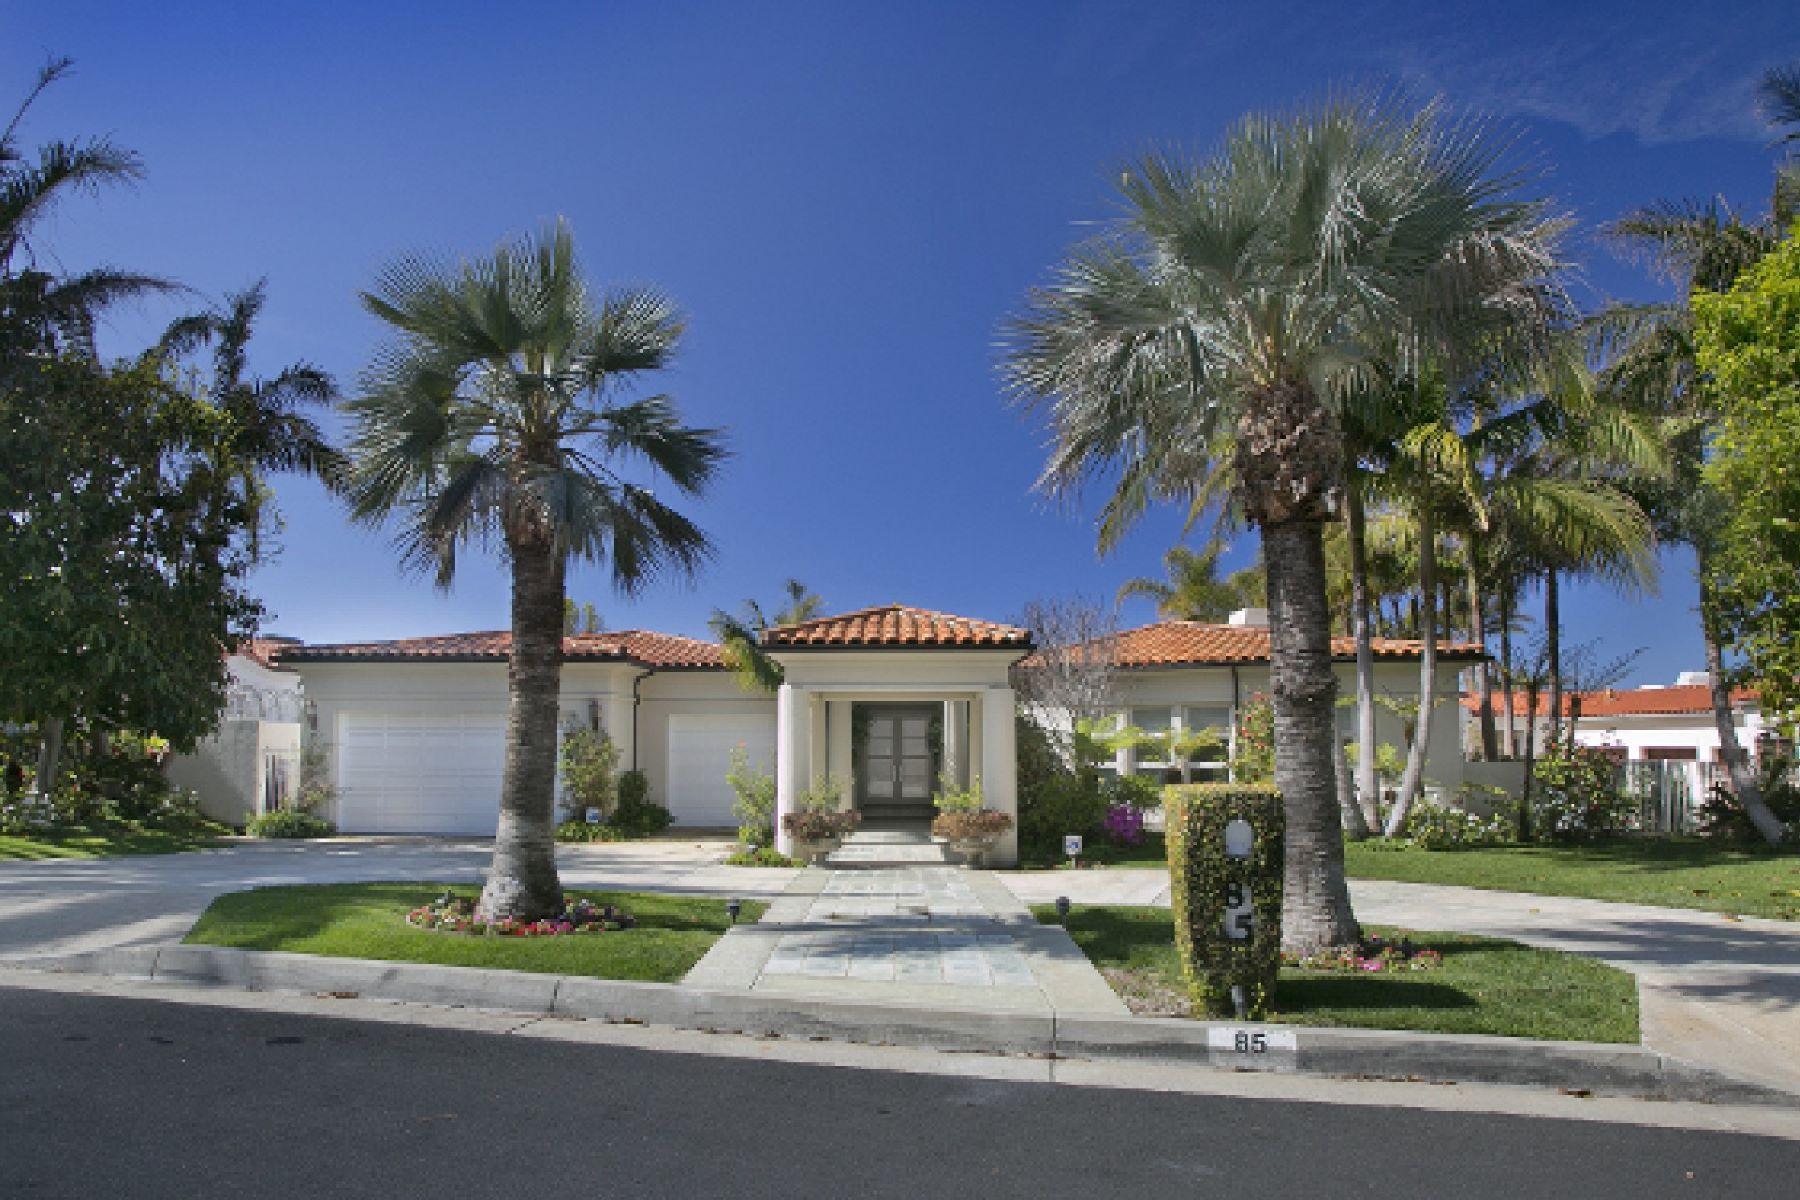 Proprietà in vendita Rancho Palos Verdes